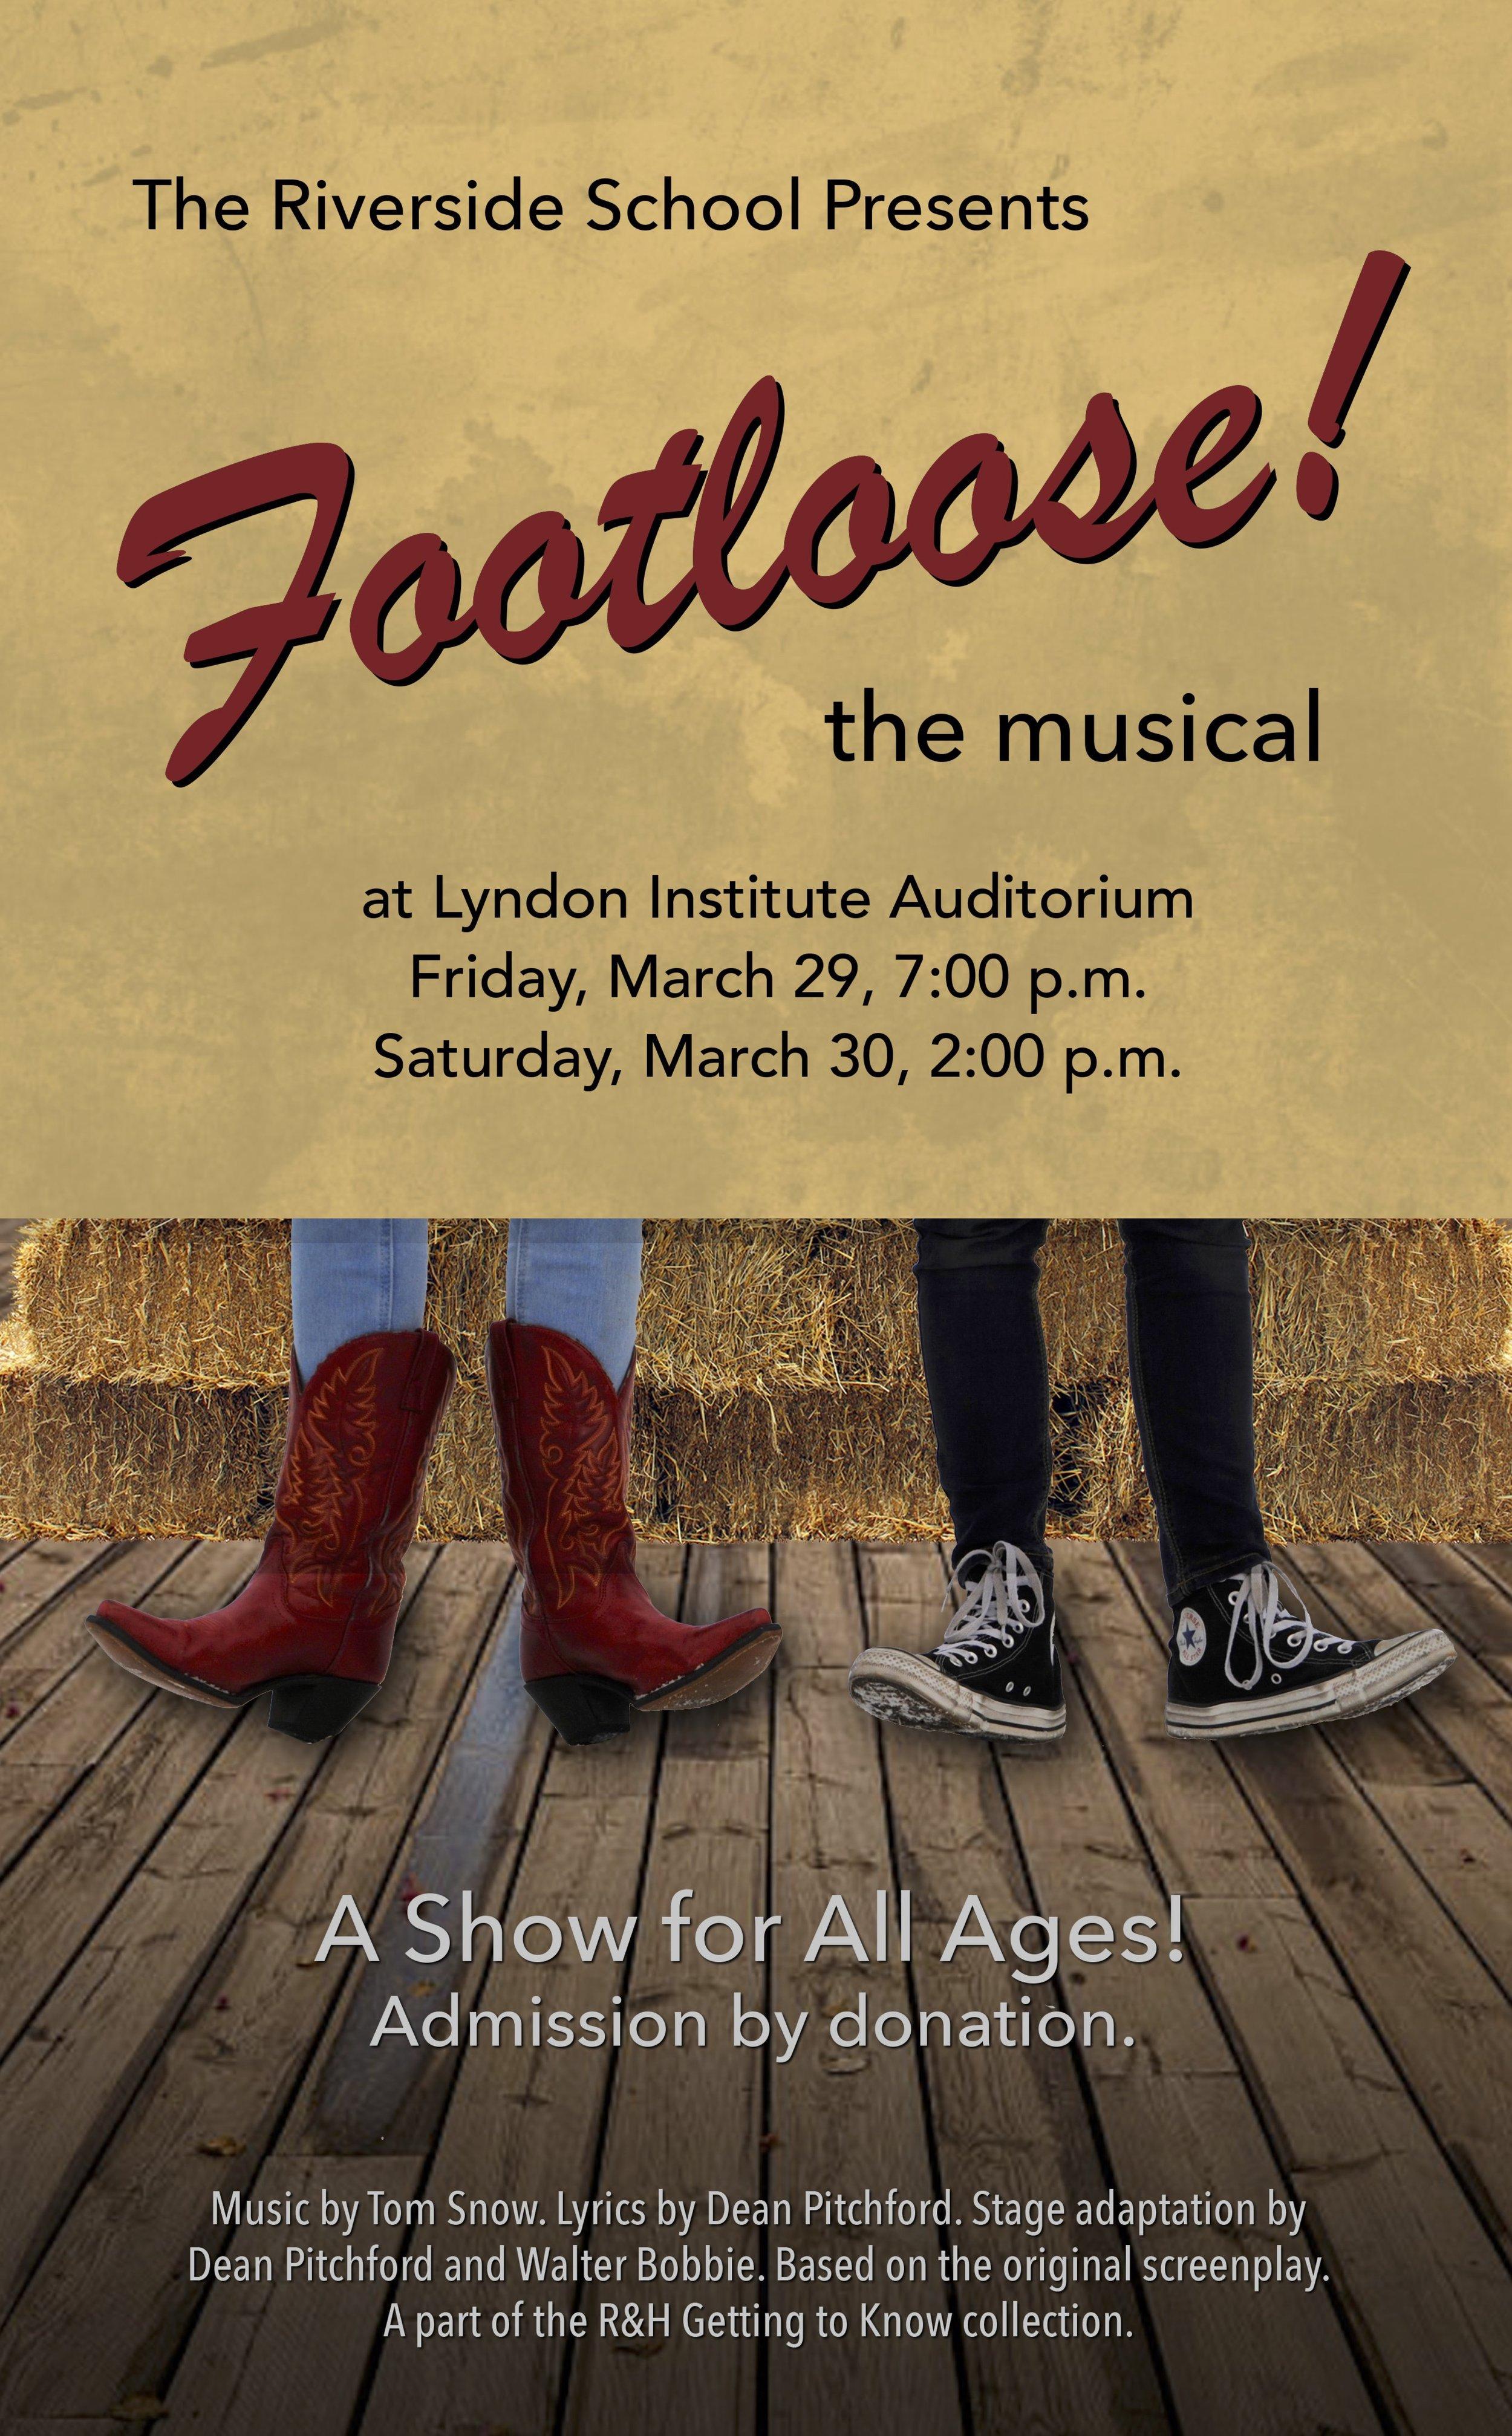 footloose-poster (1).jpg